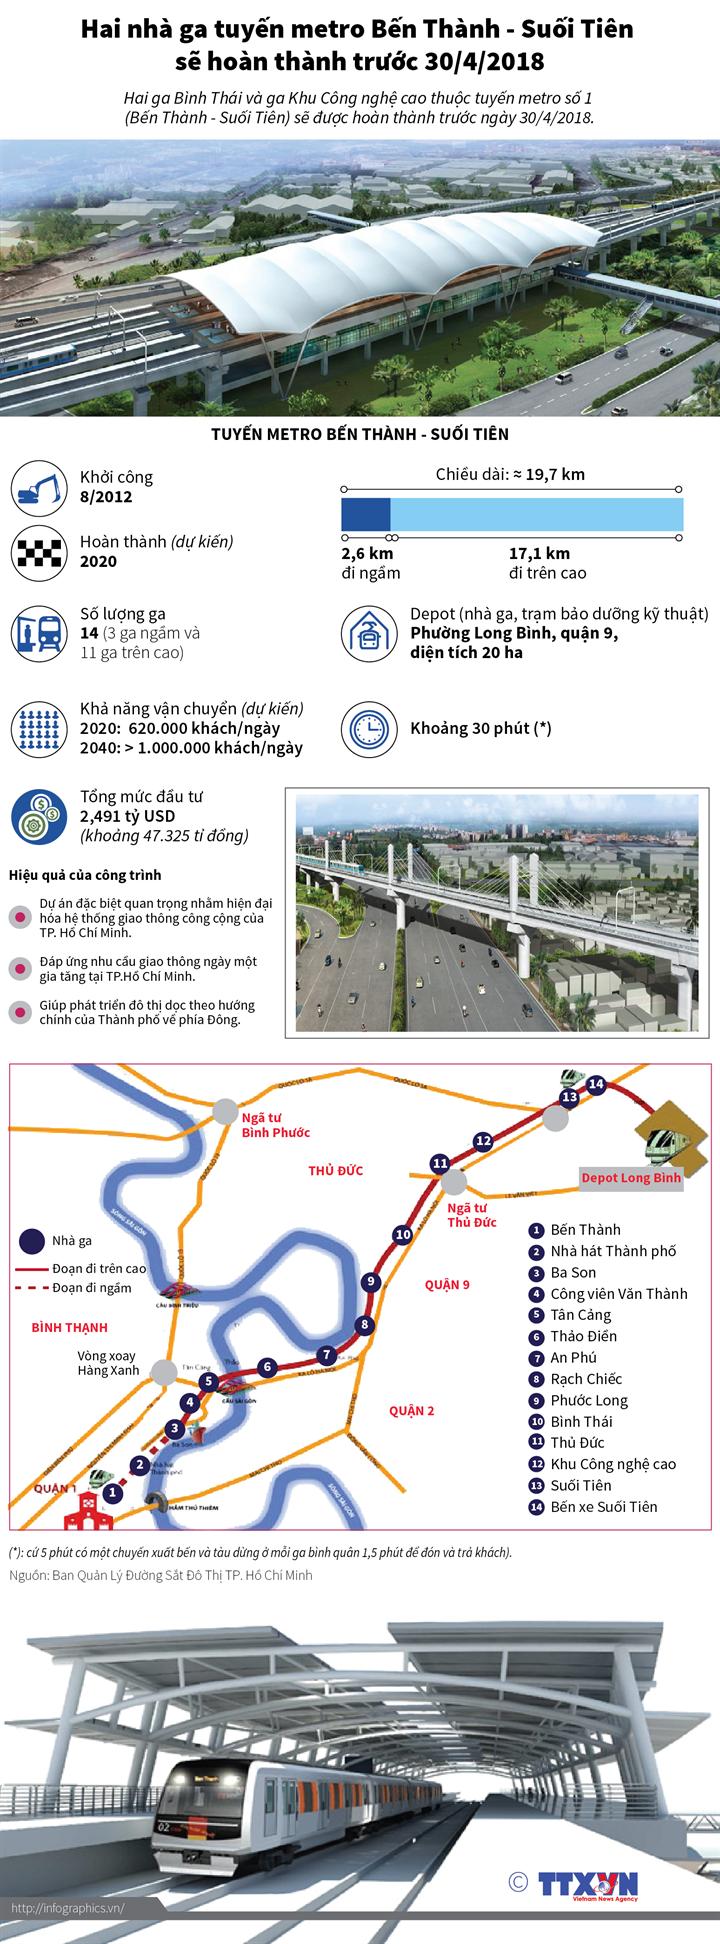 2018-4-26-vn-metro-ben-thanh-suoitien-ngoc-01-01.jpg.png